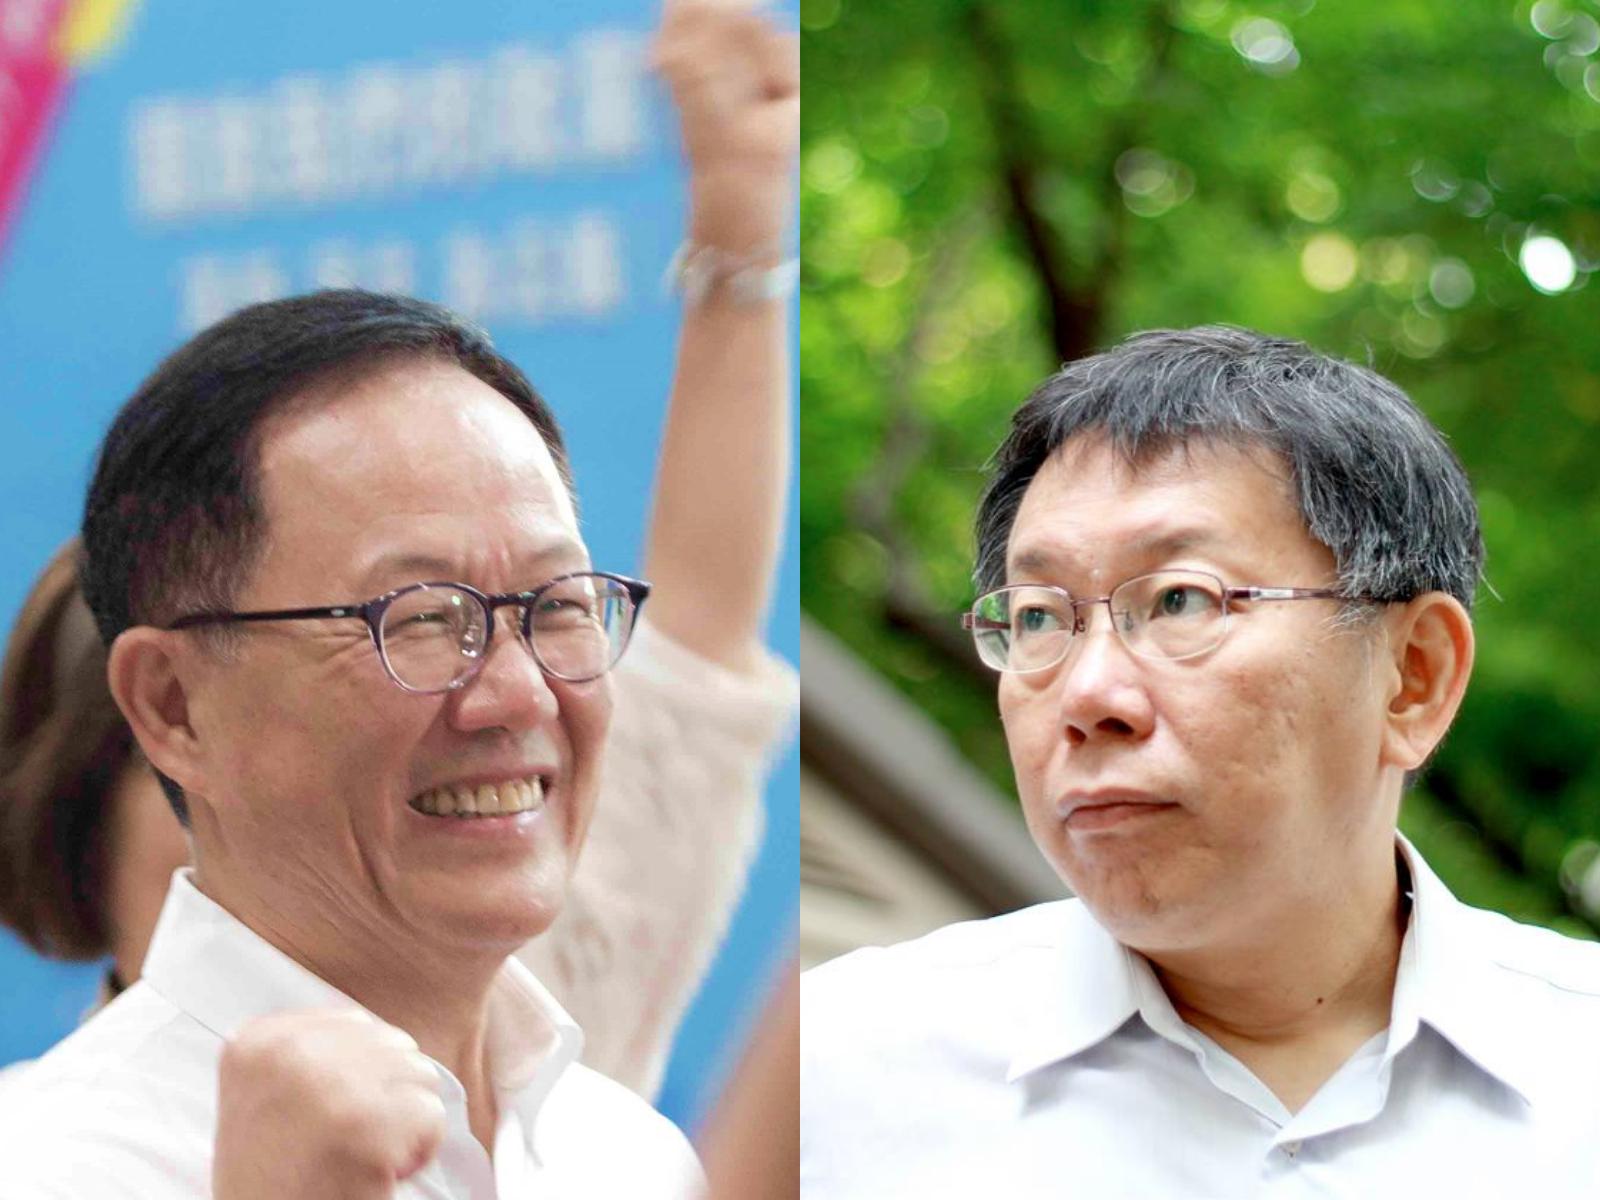 台北市長若重選投誰?52萬網友一面倒都支持「他」